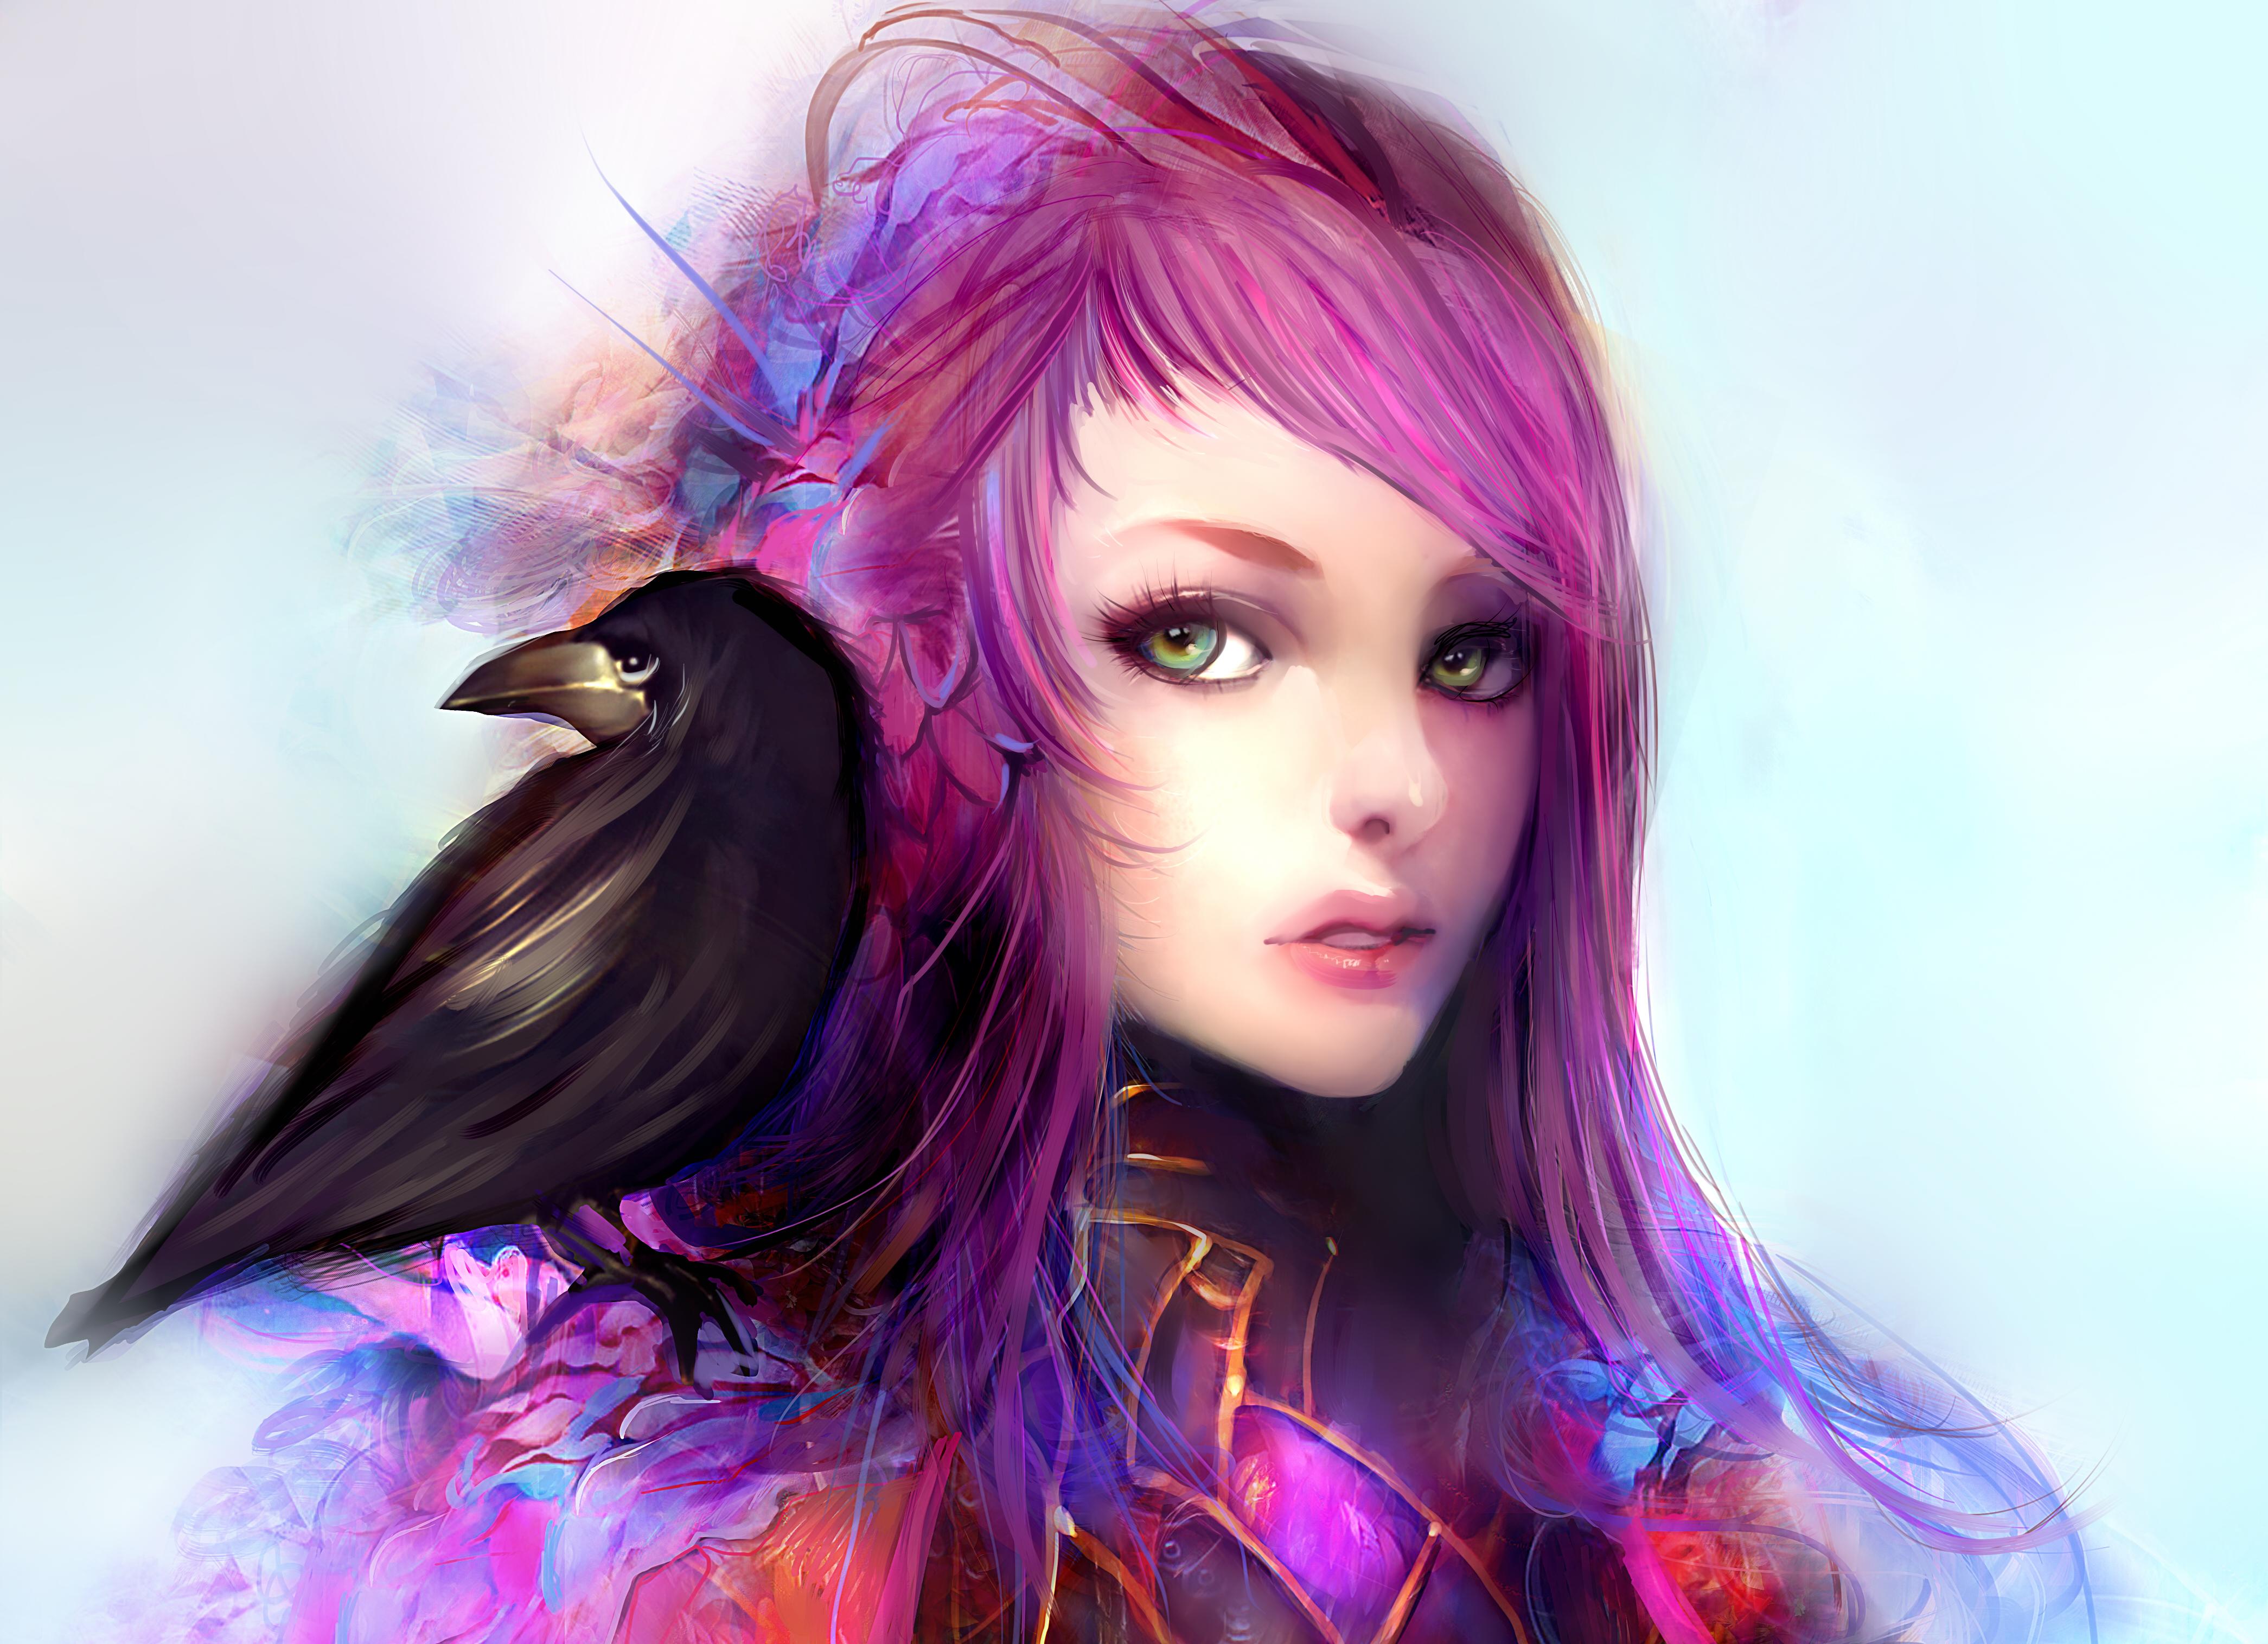 Hair art wallpaper